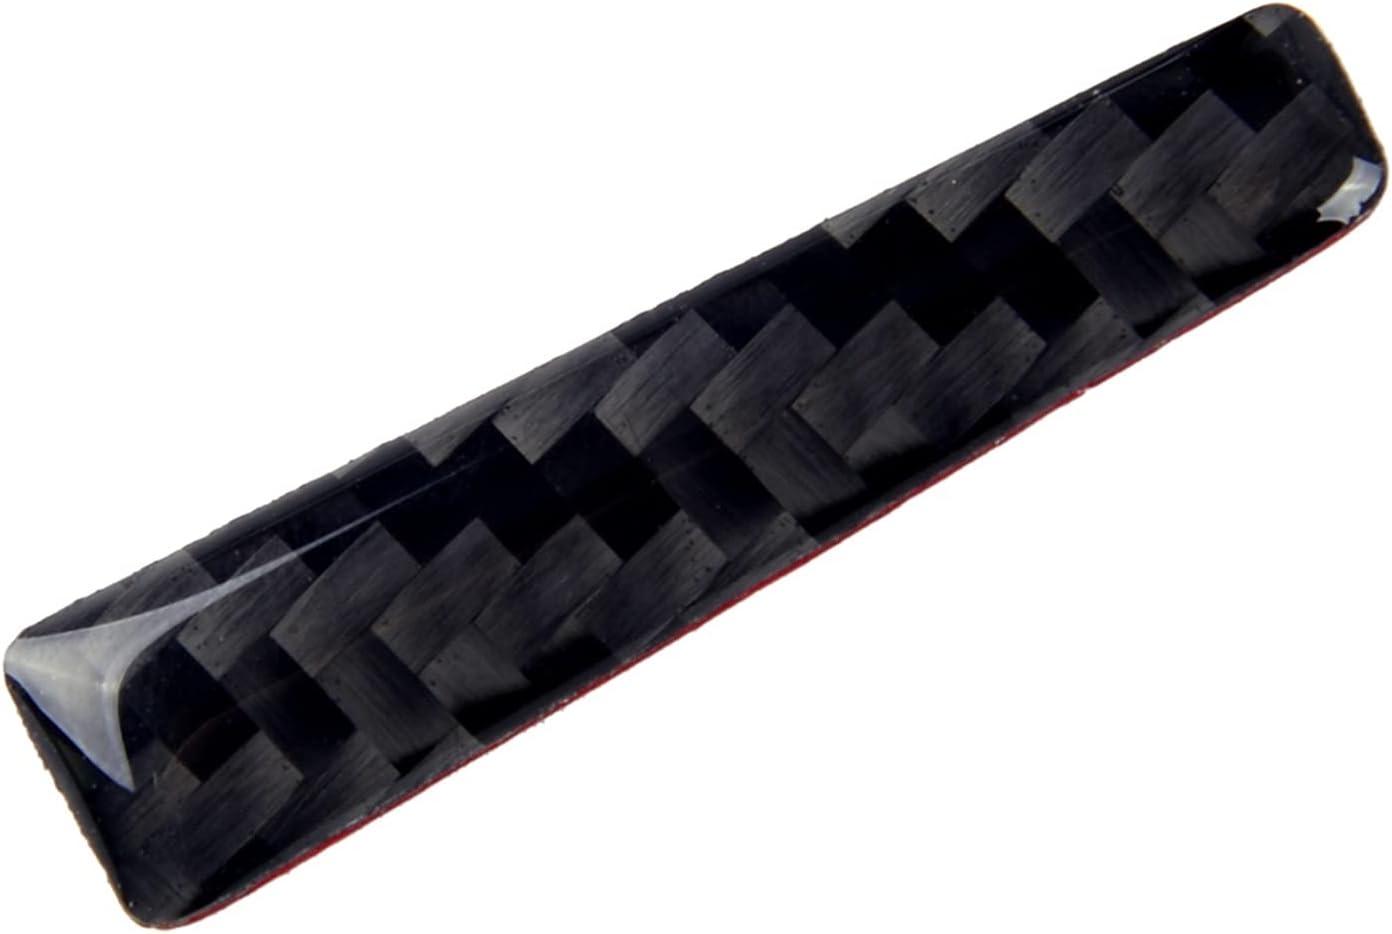 ZHUHUI free shipping YUYANGZHI 2Pcs Carbon Fiber OFFicial mail order Gear Shift Handle Decor Black